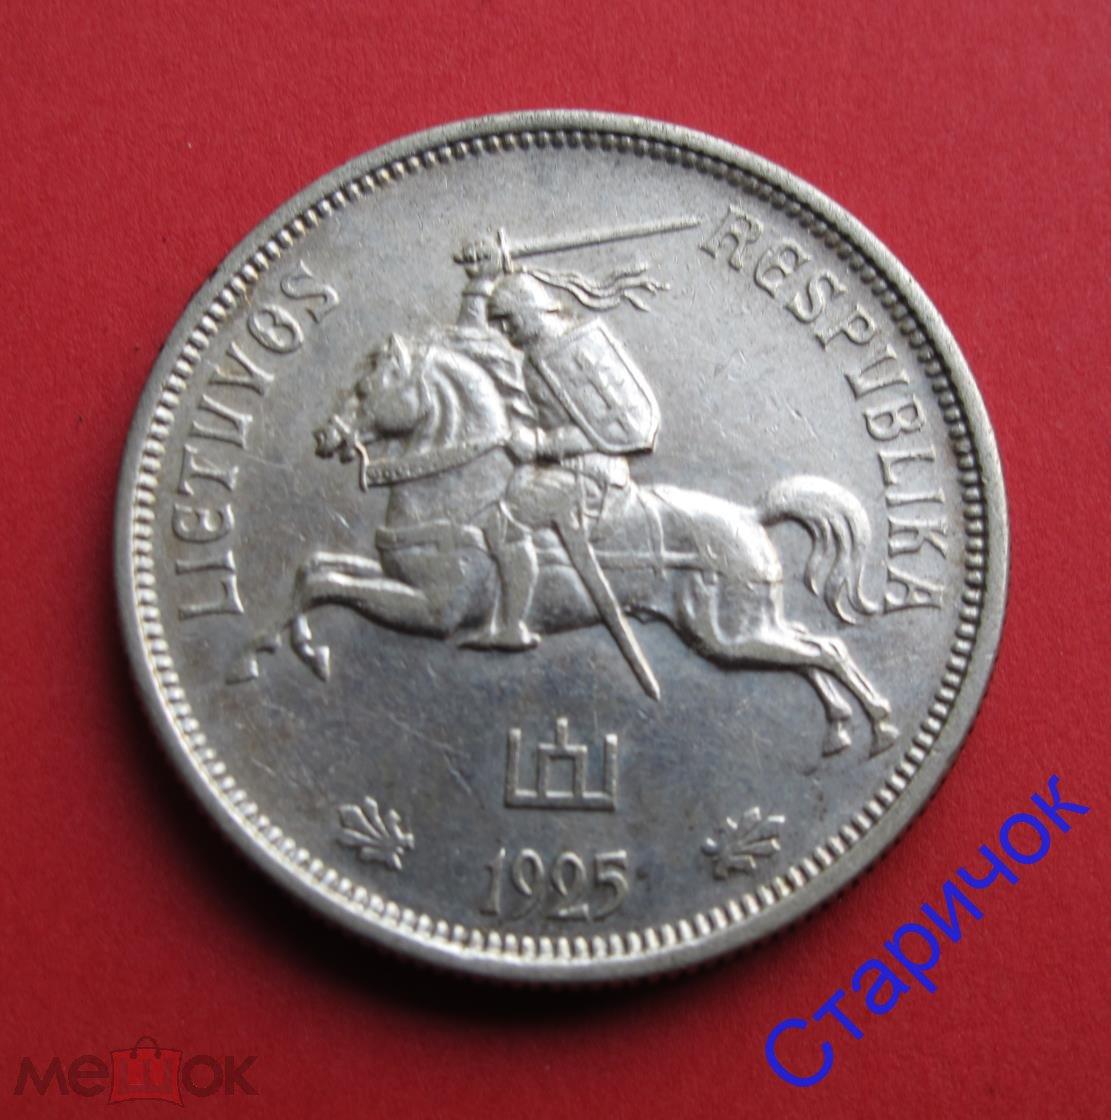 10 лит 1936 год литва серебро пфейфер завещание